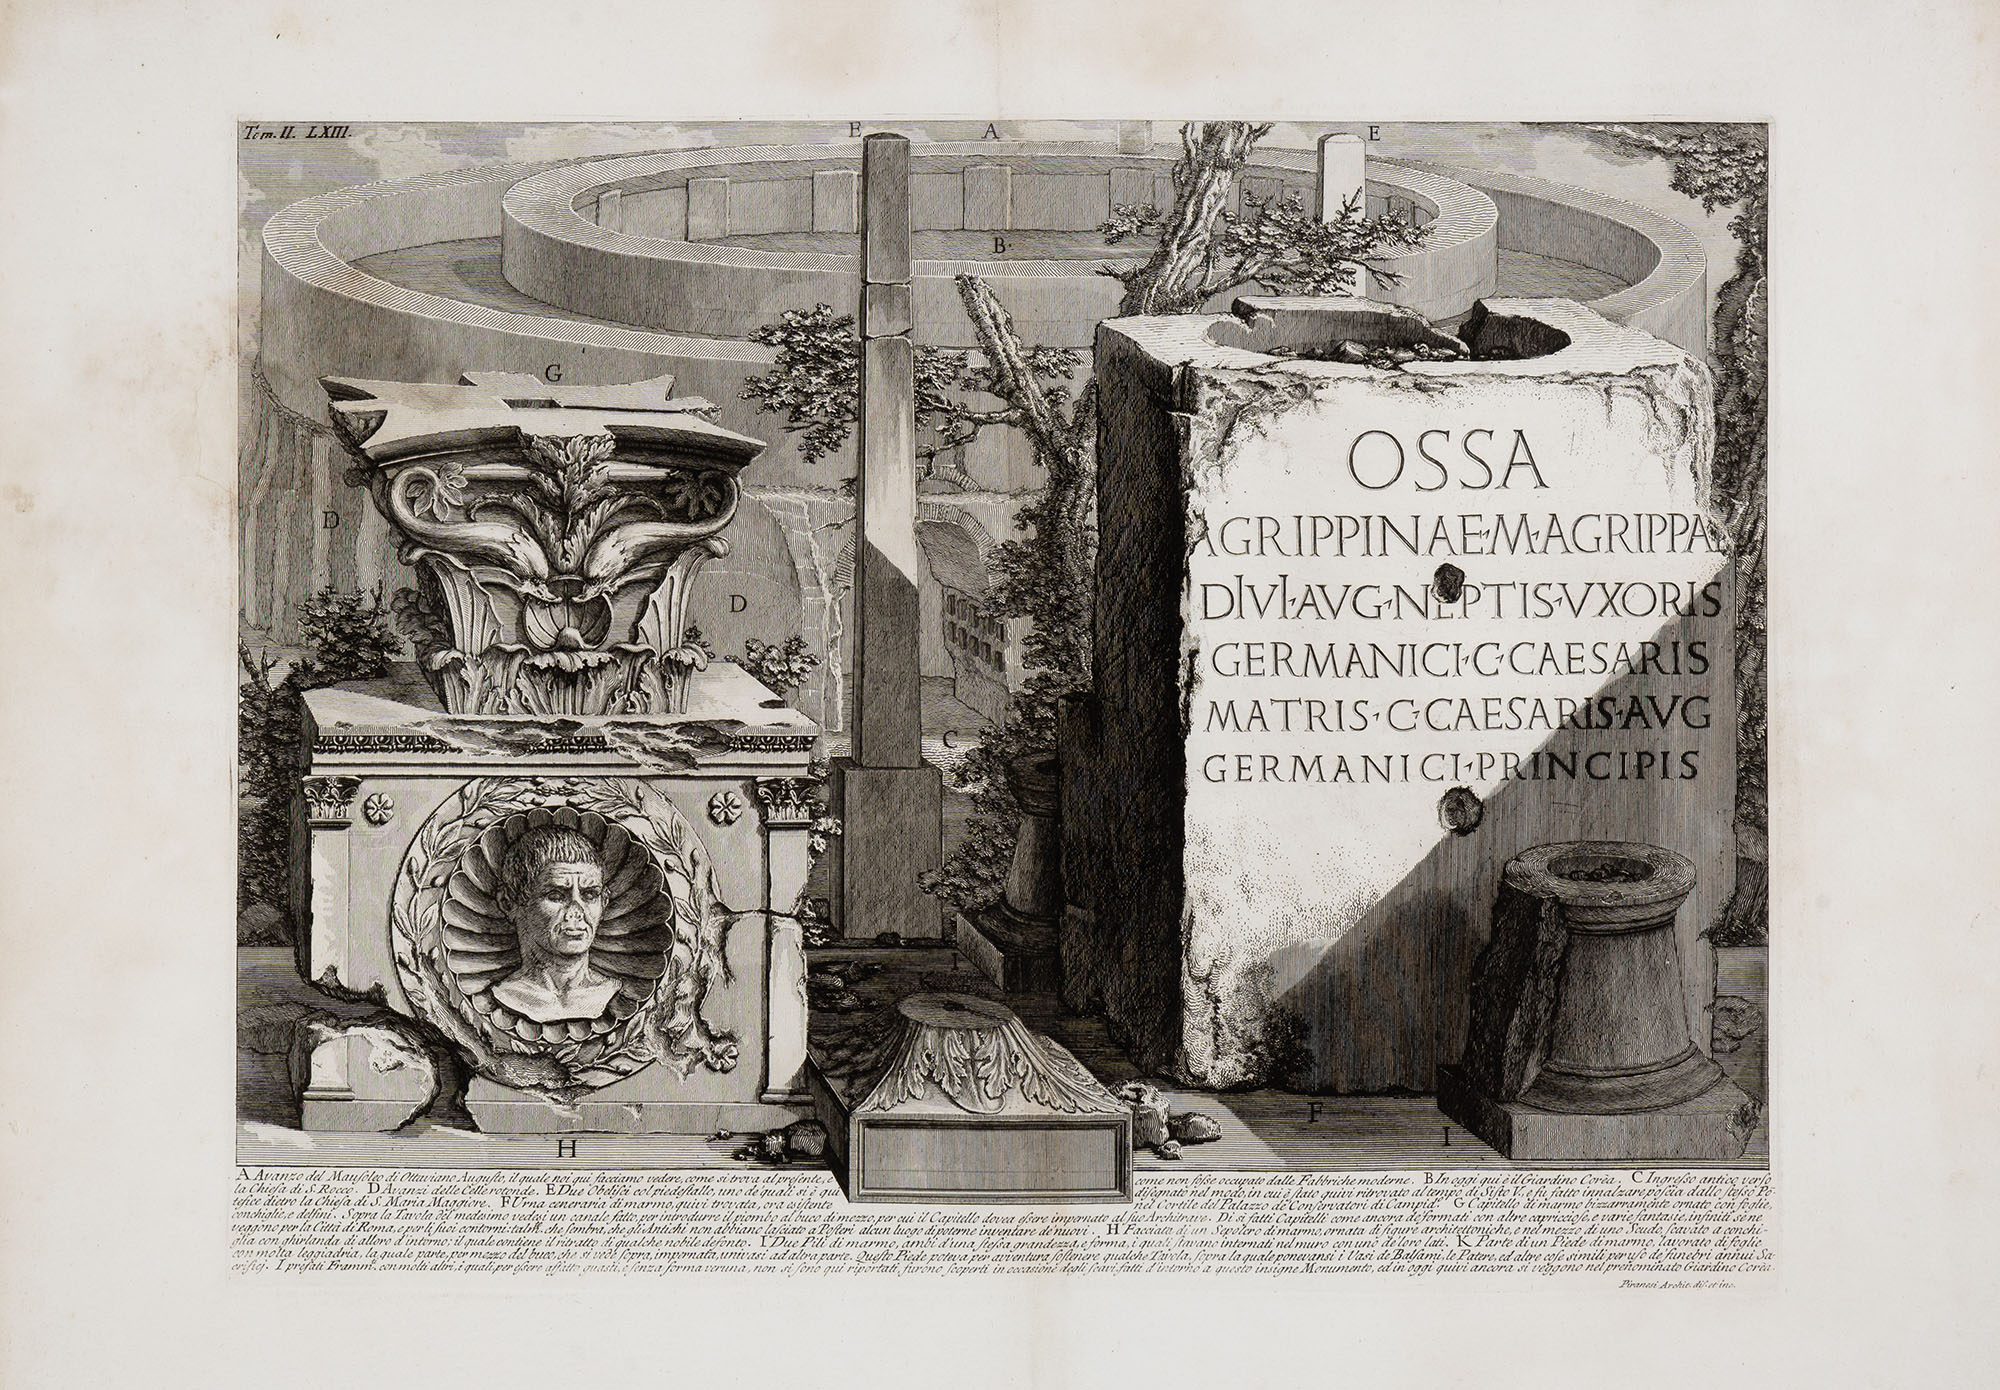 13. Avanzo del Mausoleo di Ottaviano Augusto